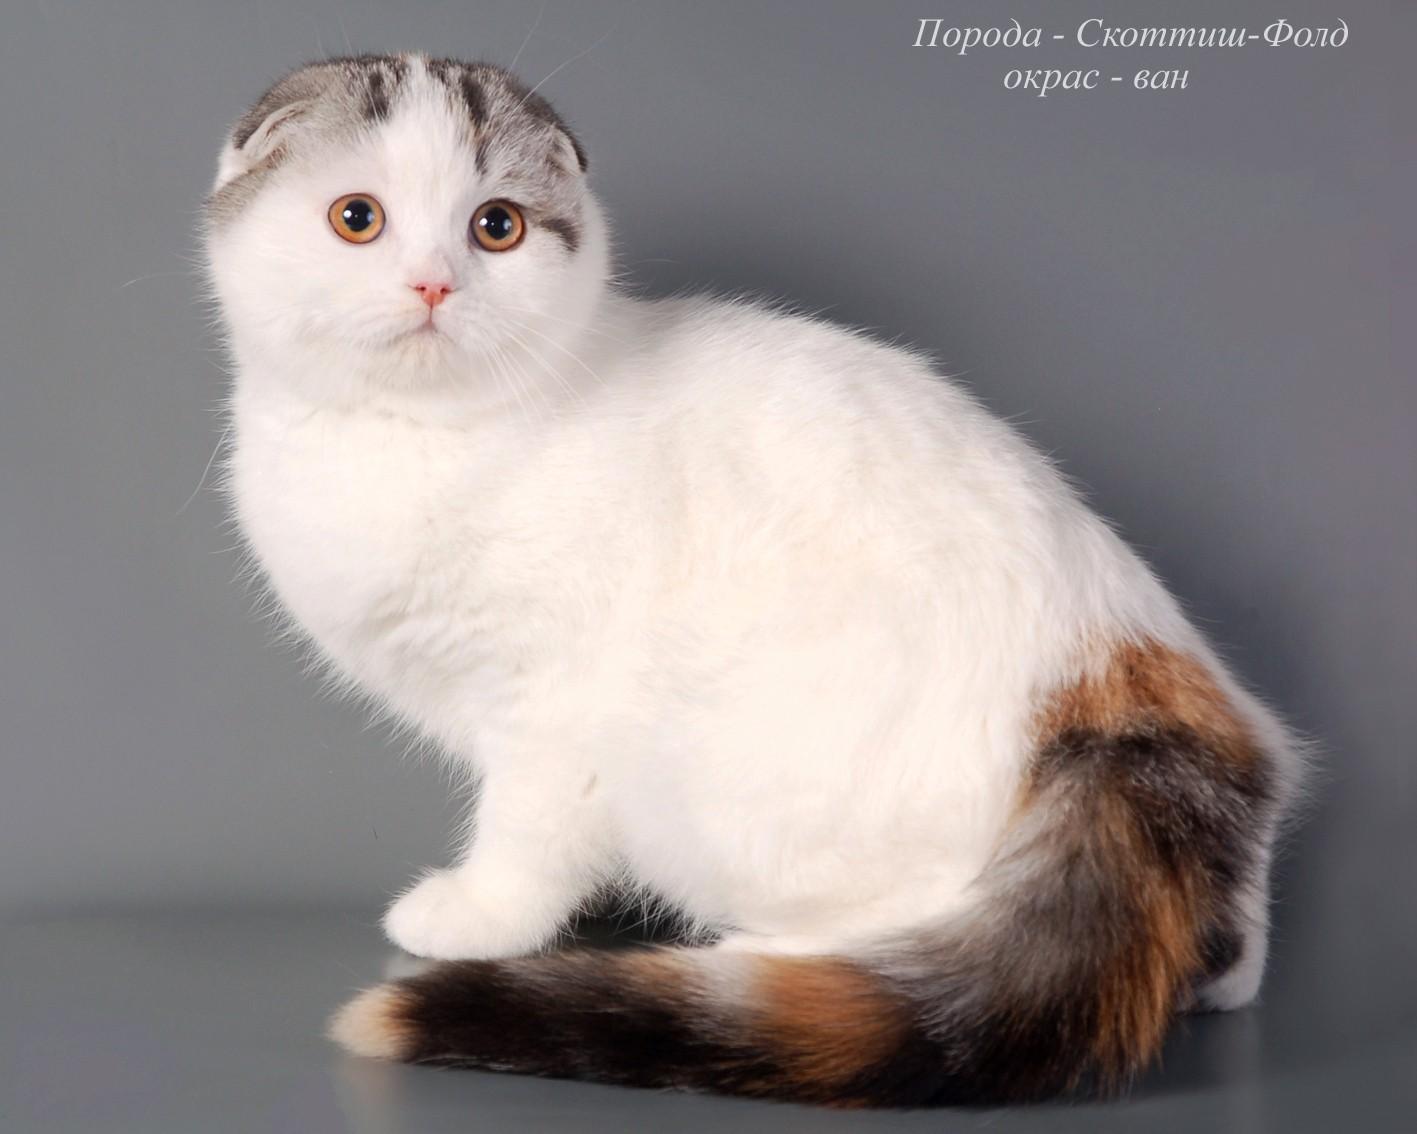 изящной гладкошерстной окрасы кошек с фото и названиями поделки модное направление